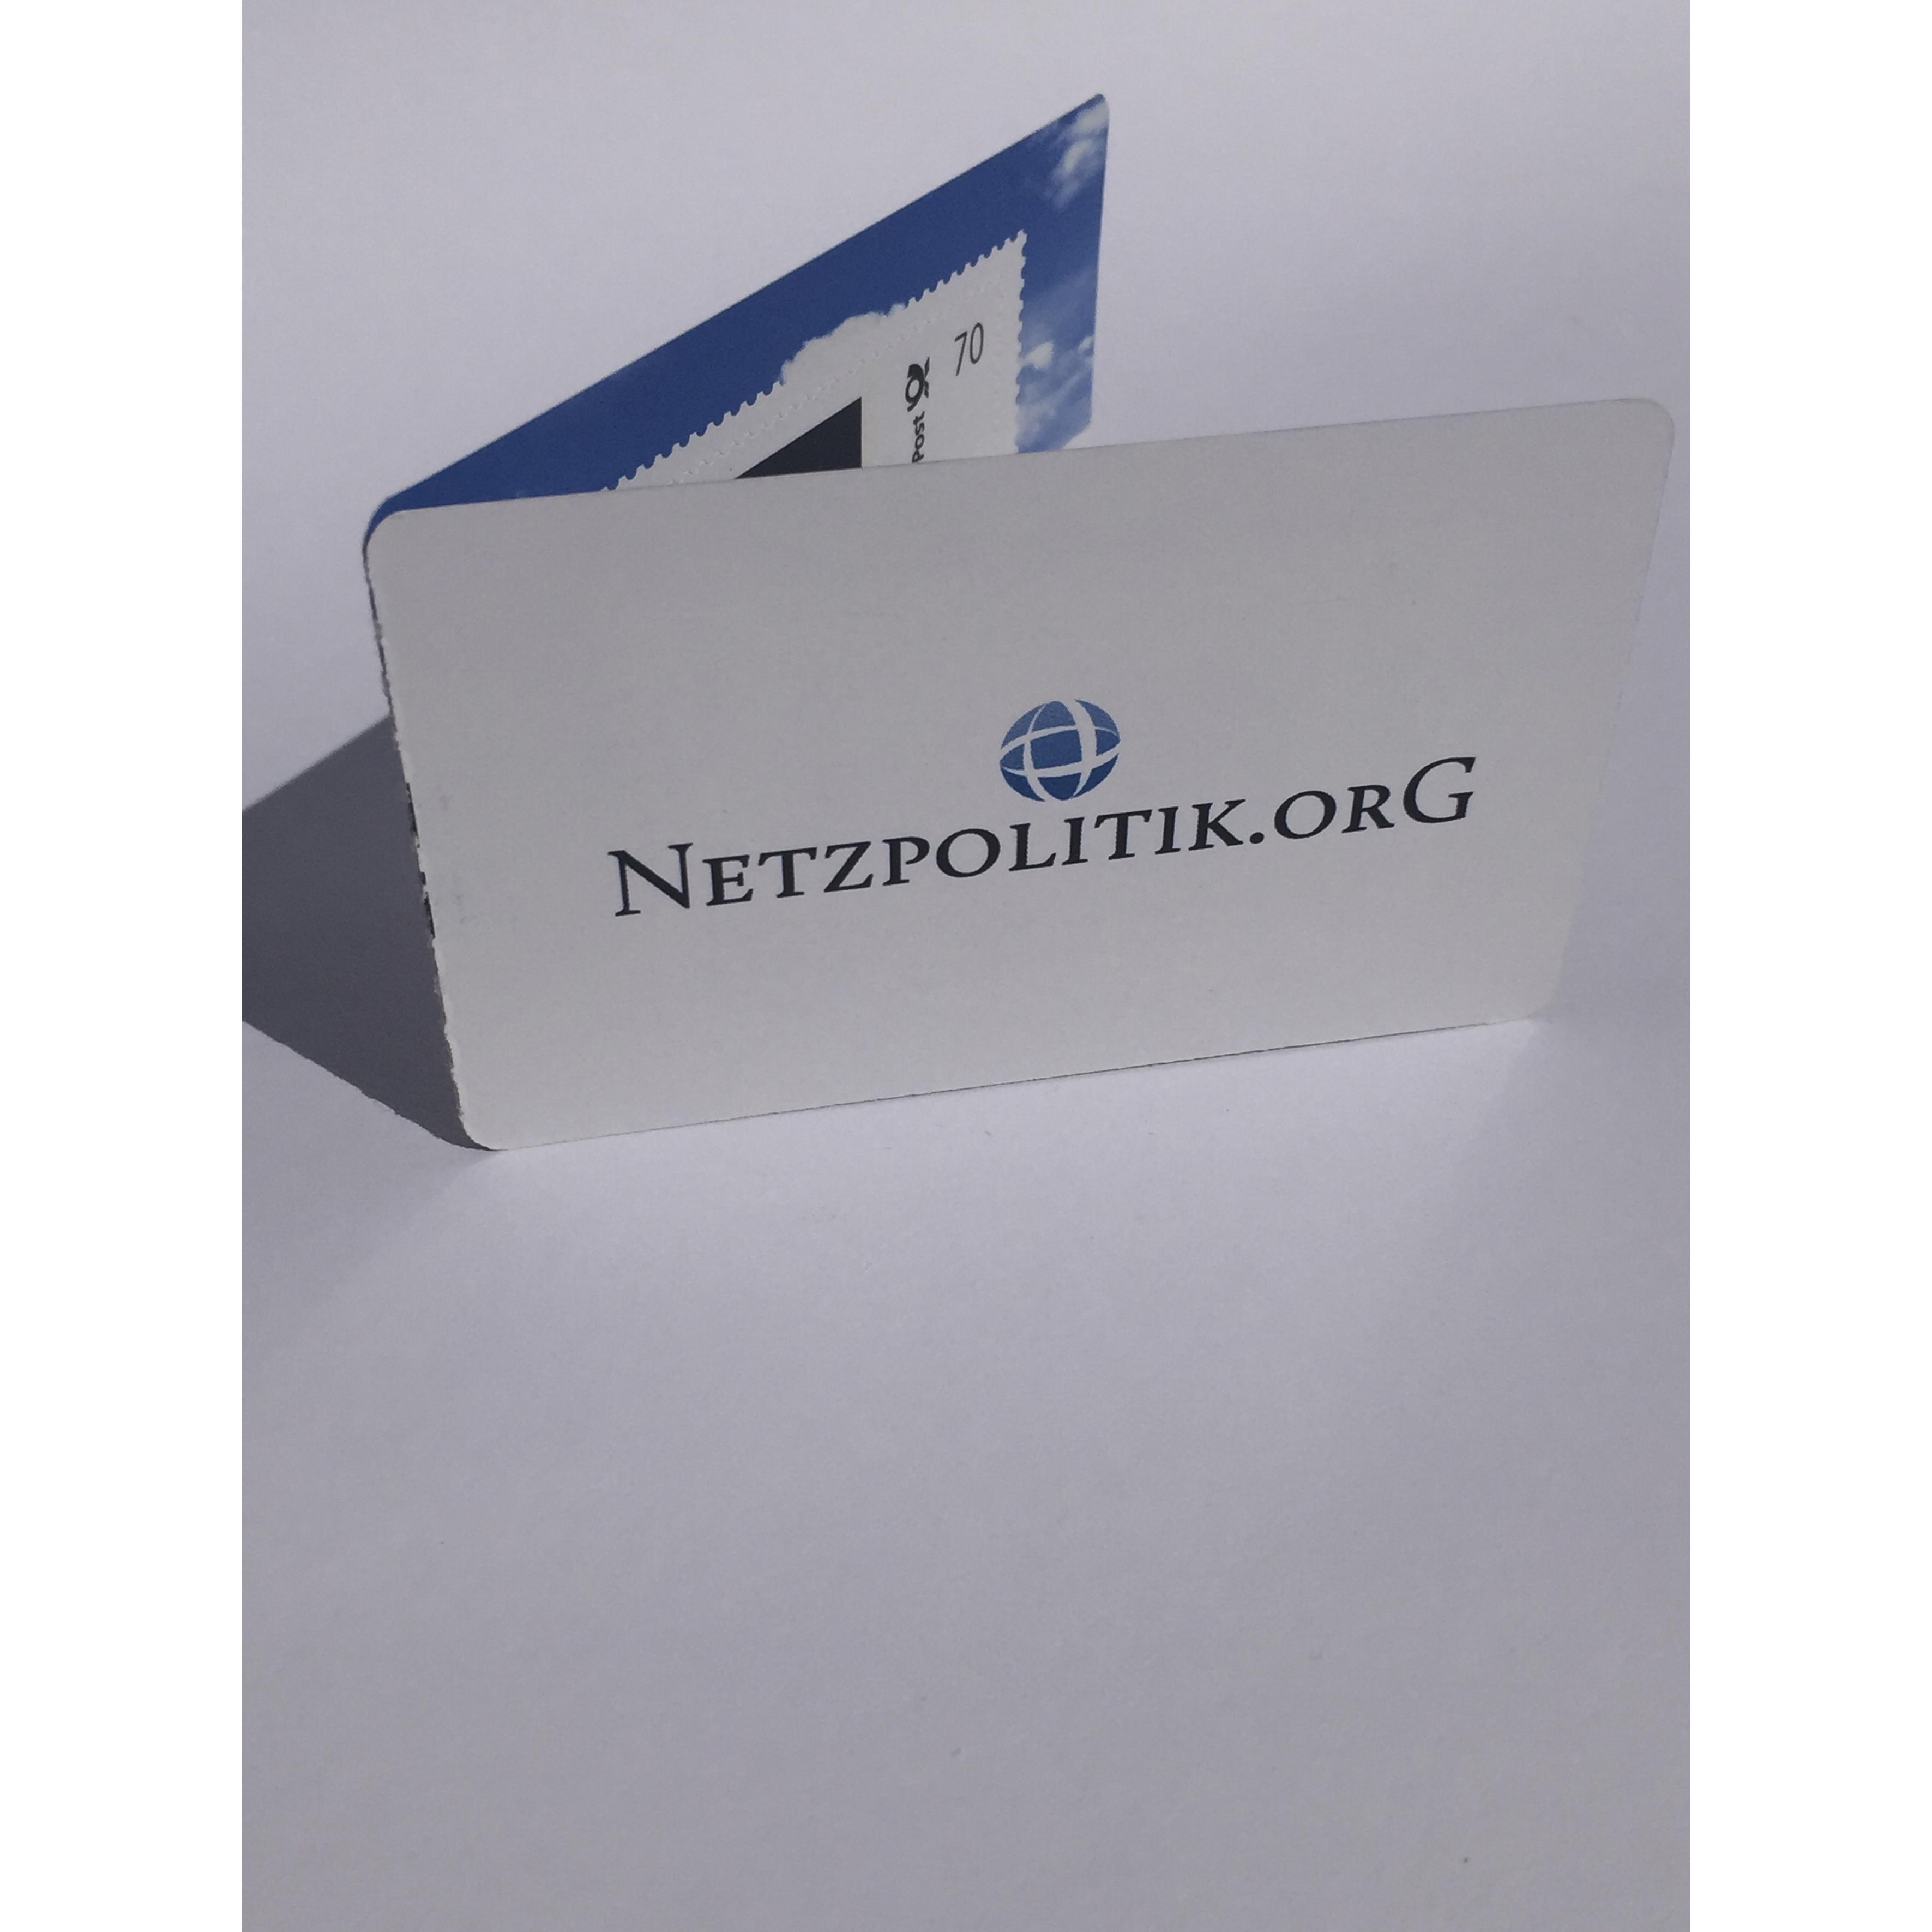 netzpolitik.org Briefmarke 1